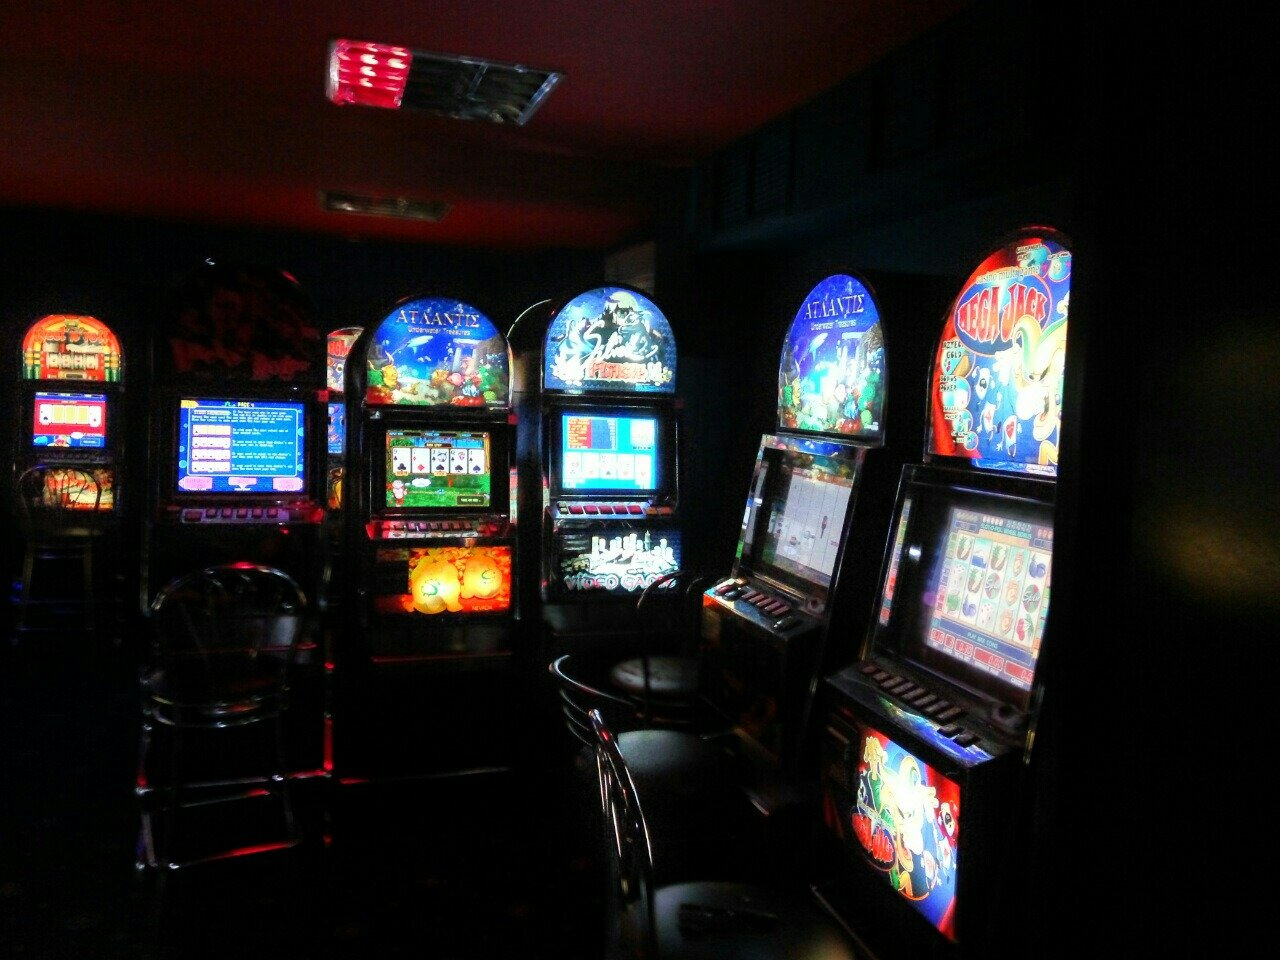 Игровые автоматы скиф казино адмирал онлайн бесплатно без регистрации